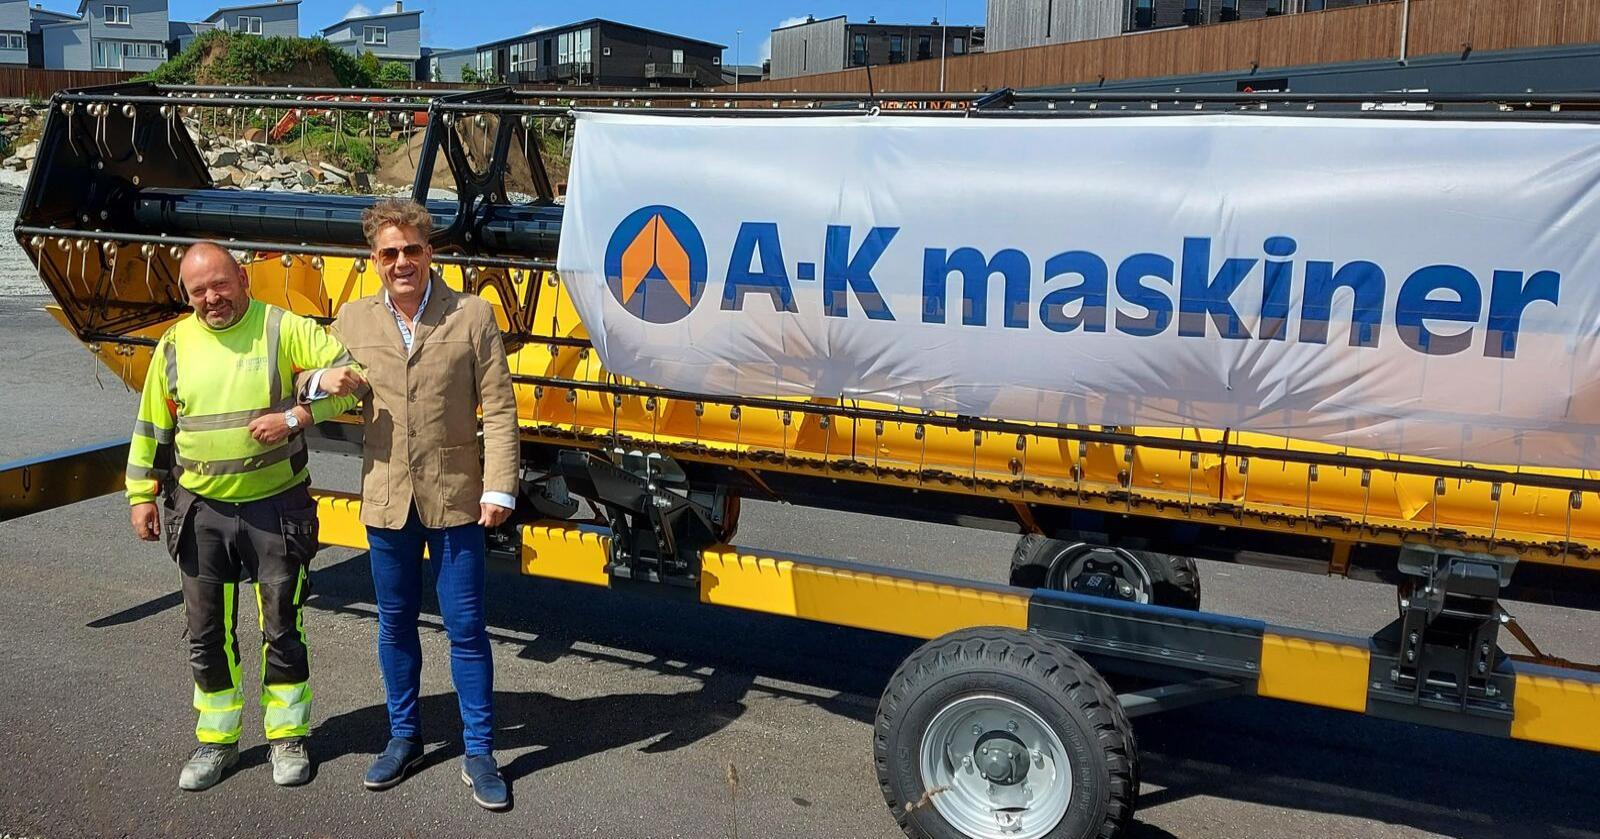 Entreprenør Pål Hatteland og Adm. direktør i A-K maskiner, Erik Grefberg besøkte tomta som det nye bygget skal settes opp på i går. (Foto: A-K maskiner)